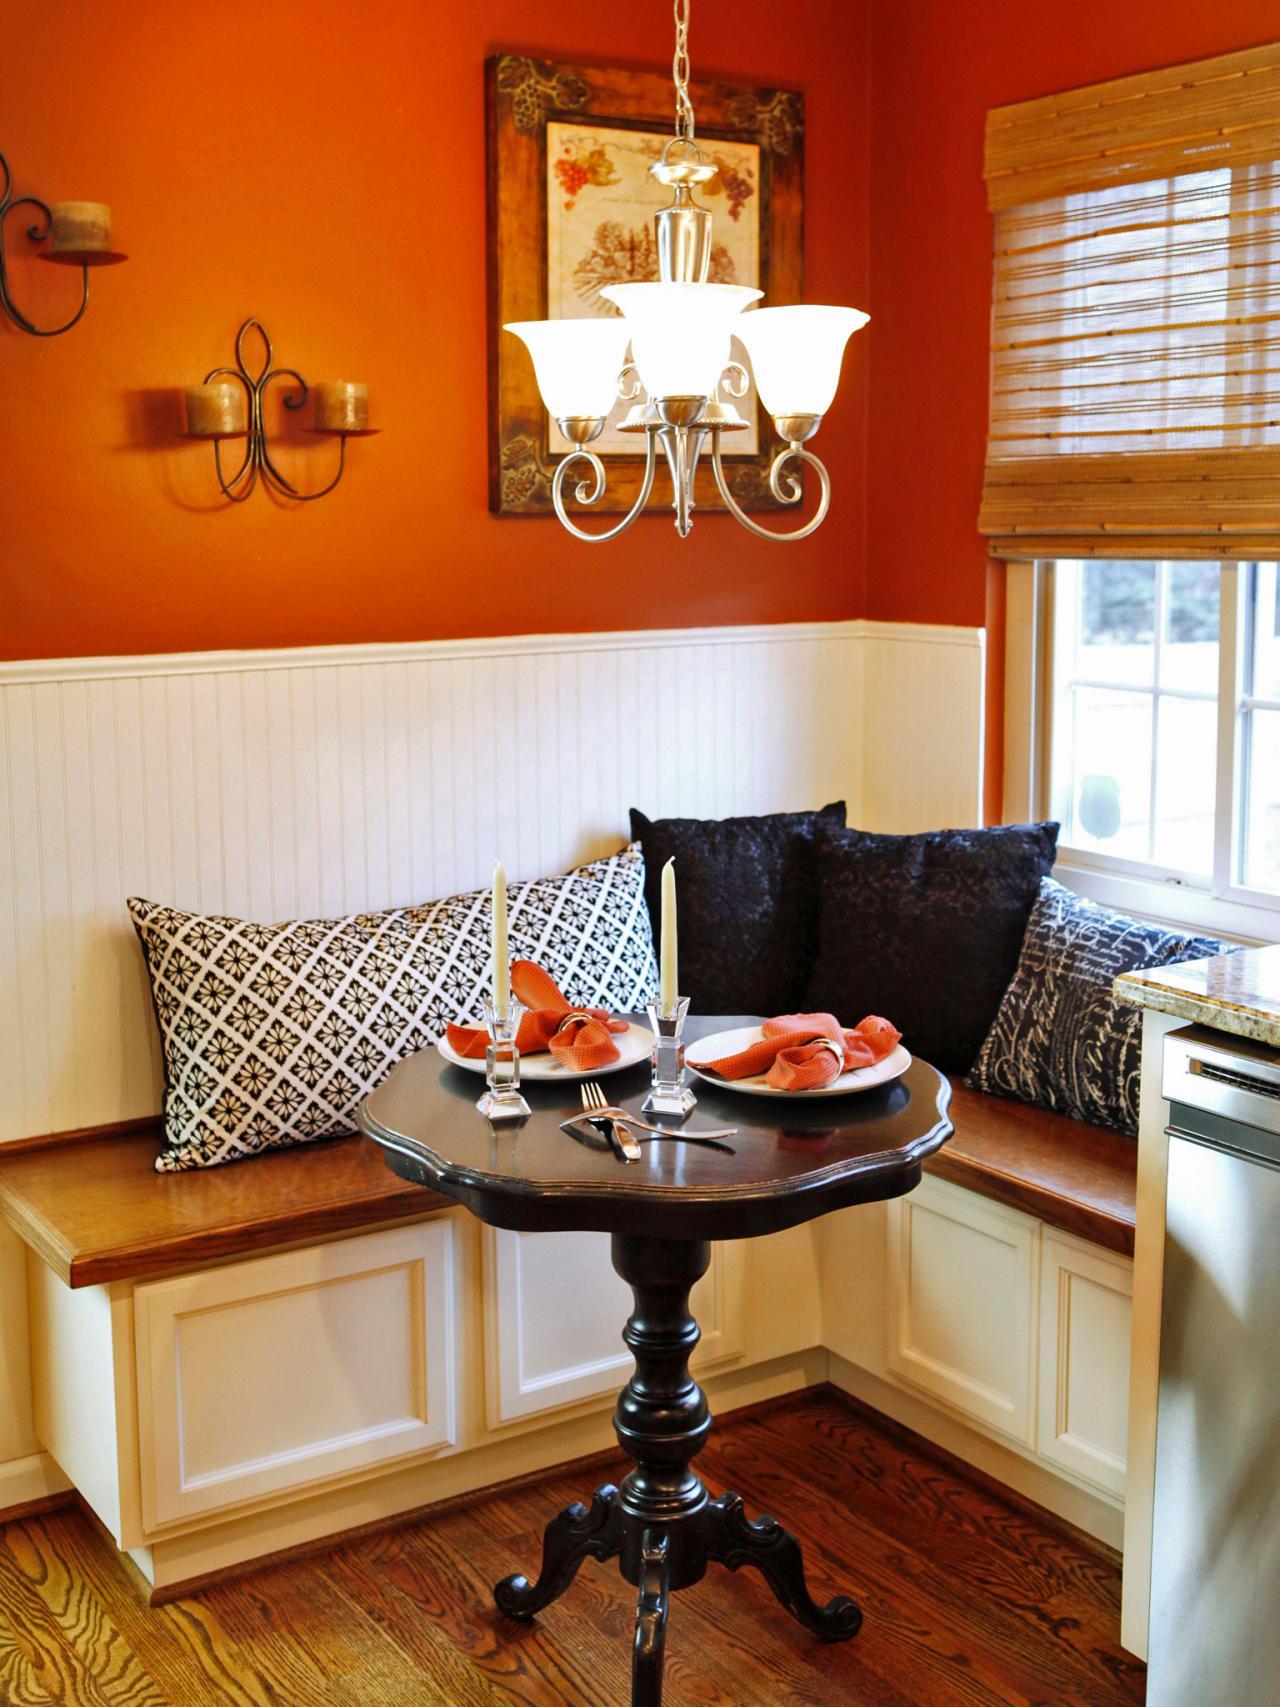 petites-idées-de-table-de-cuisine-pour-vous-inspirer-comment-aménager-la-cuisine-avec-une-décoration-intelligente-1